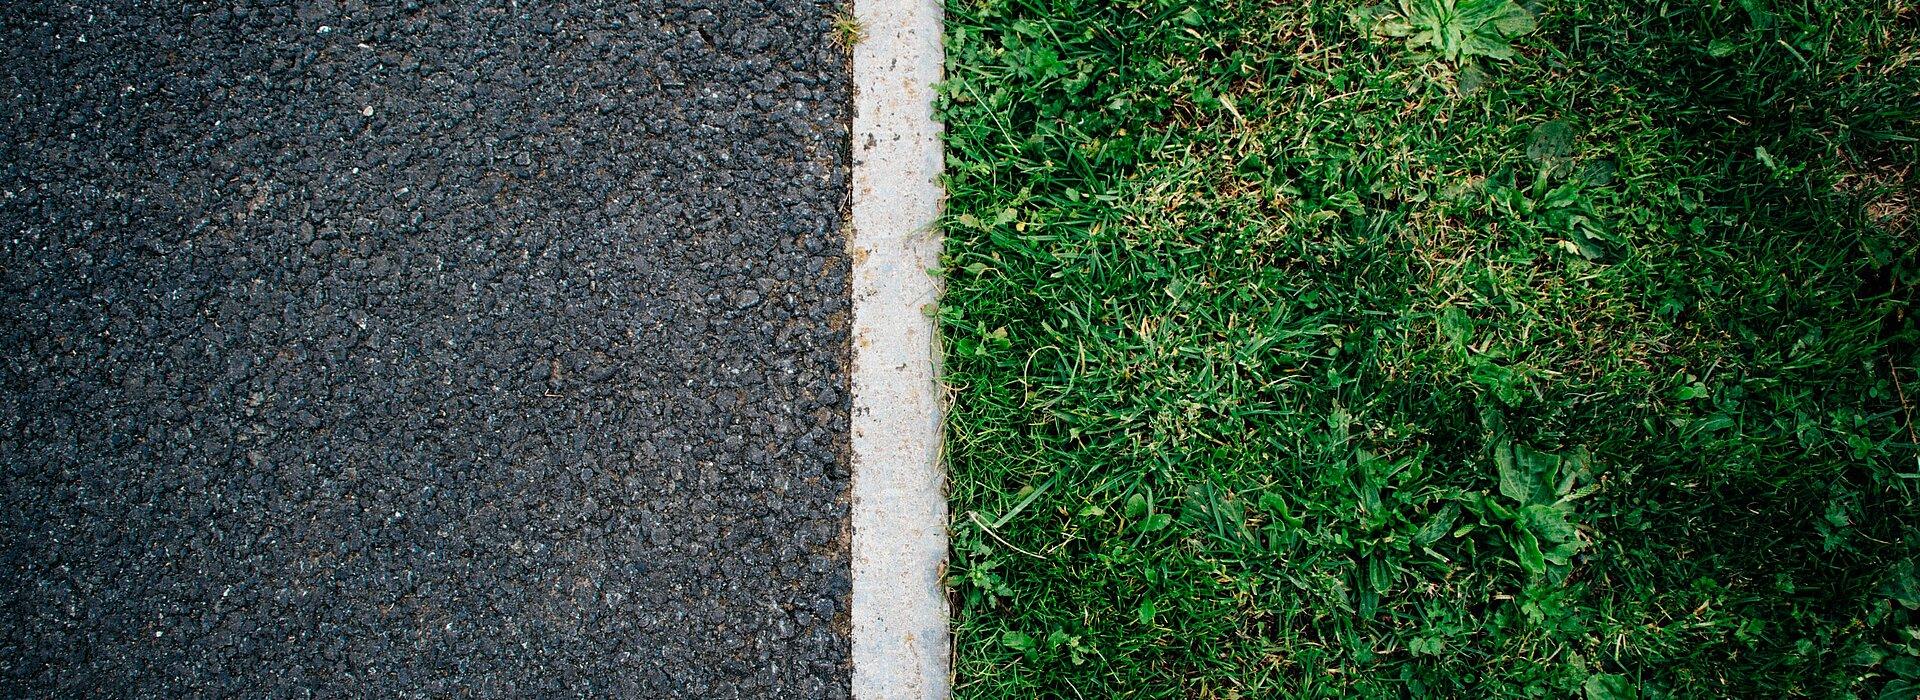 Do lado esquerdo, o asfalto. Do lado direito, a grama. Uma linha branca separa os dois.